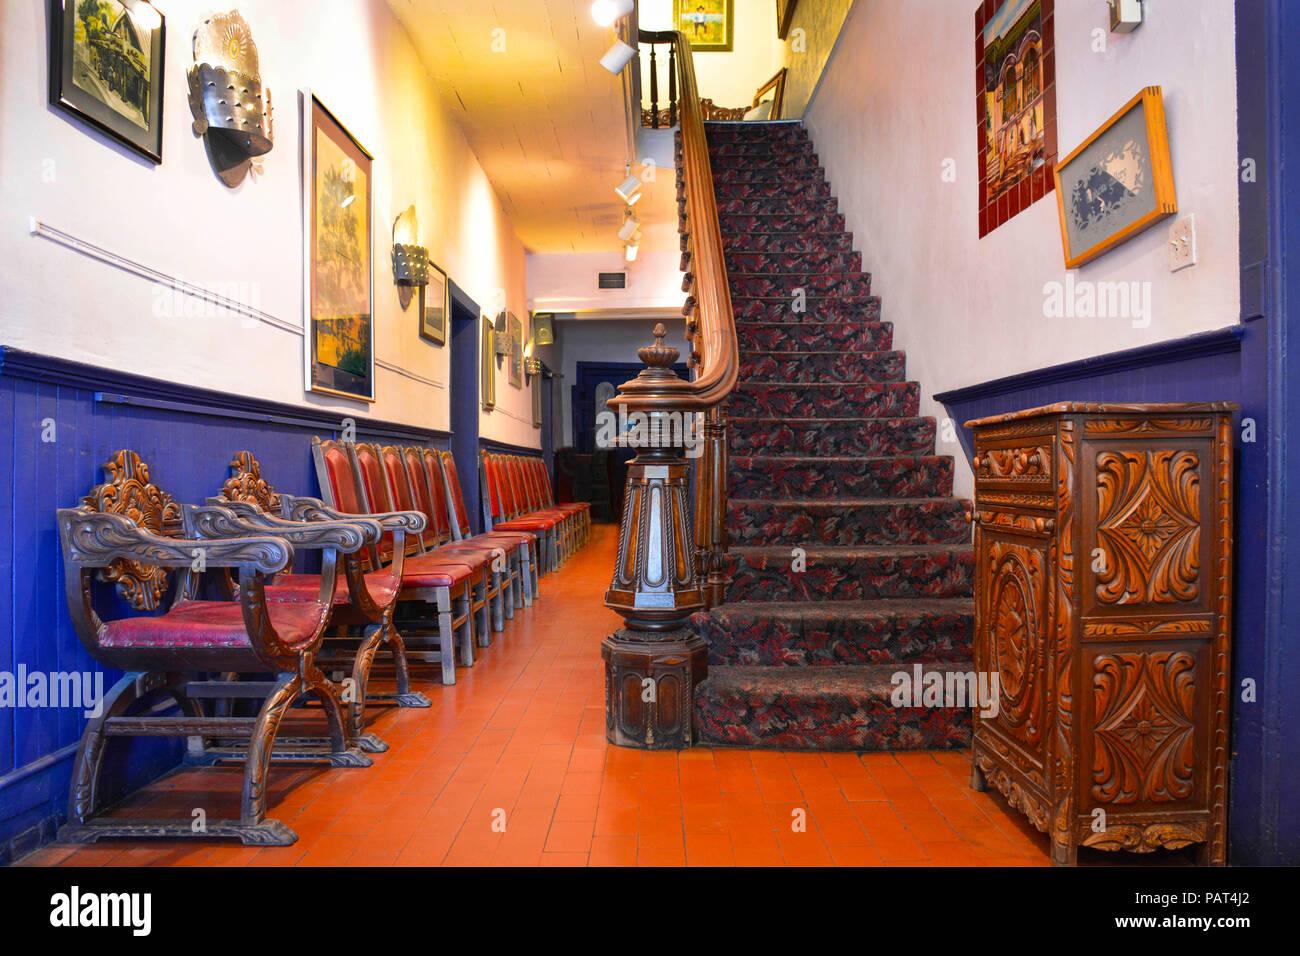 La Placita Dining Rooms Haunted